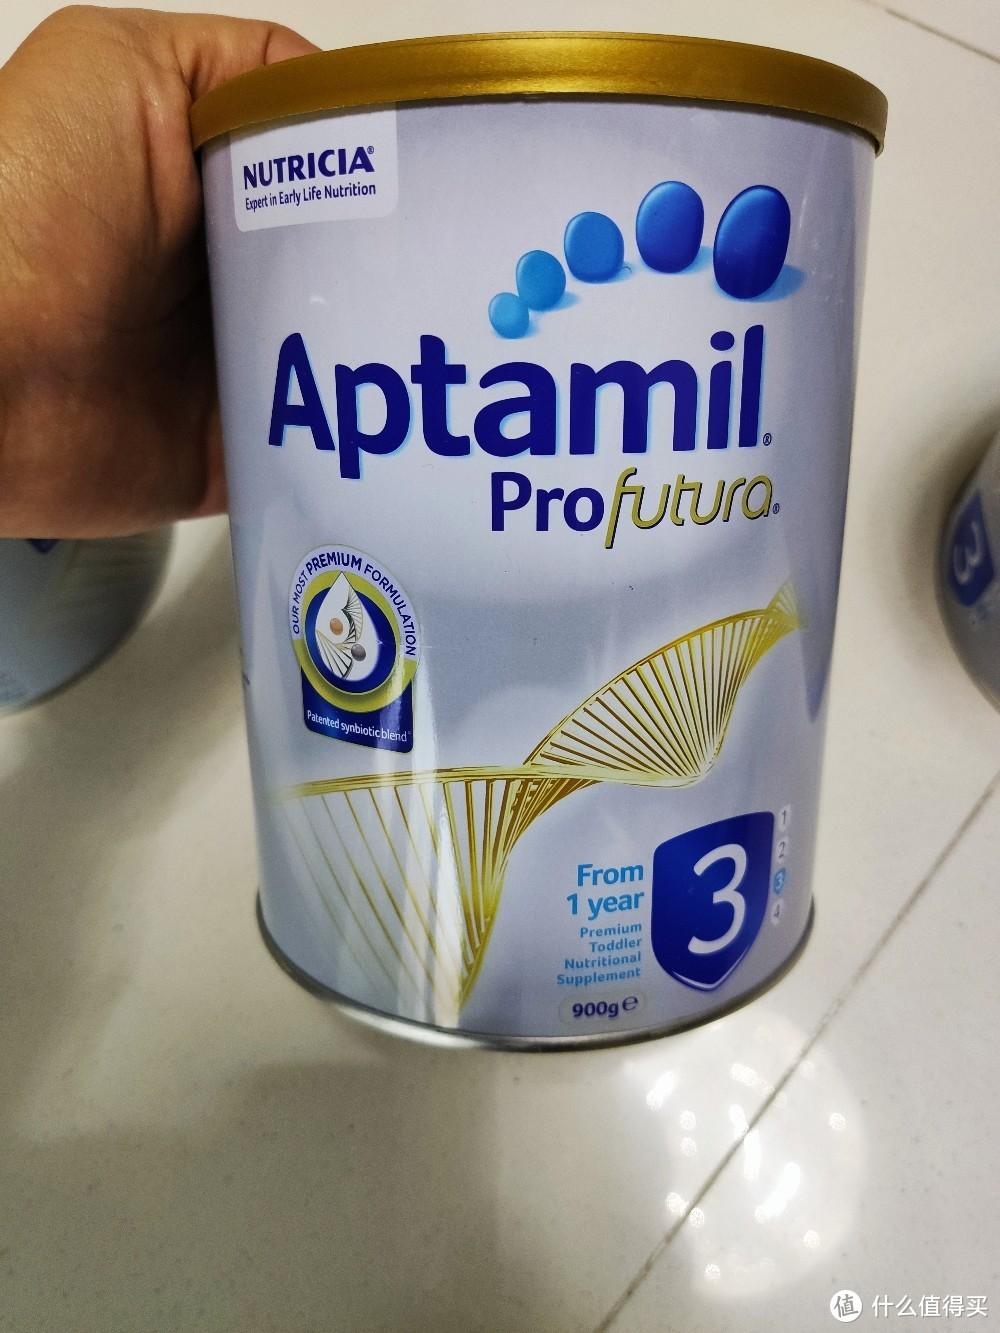 138元一罐的澳洲爱他美白金版婴幼儿奶粉3段 开箱